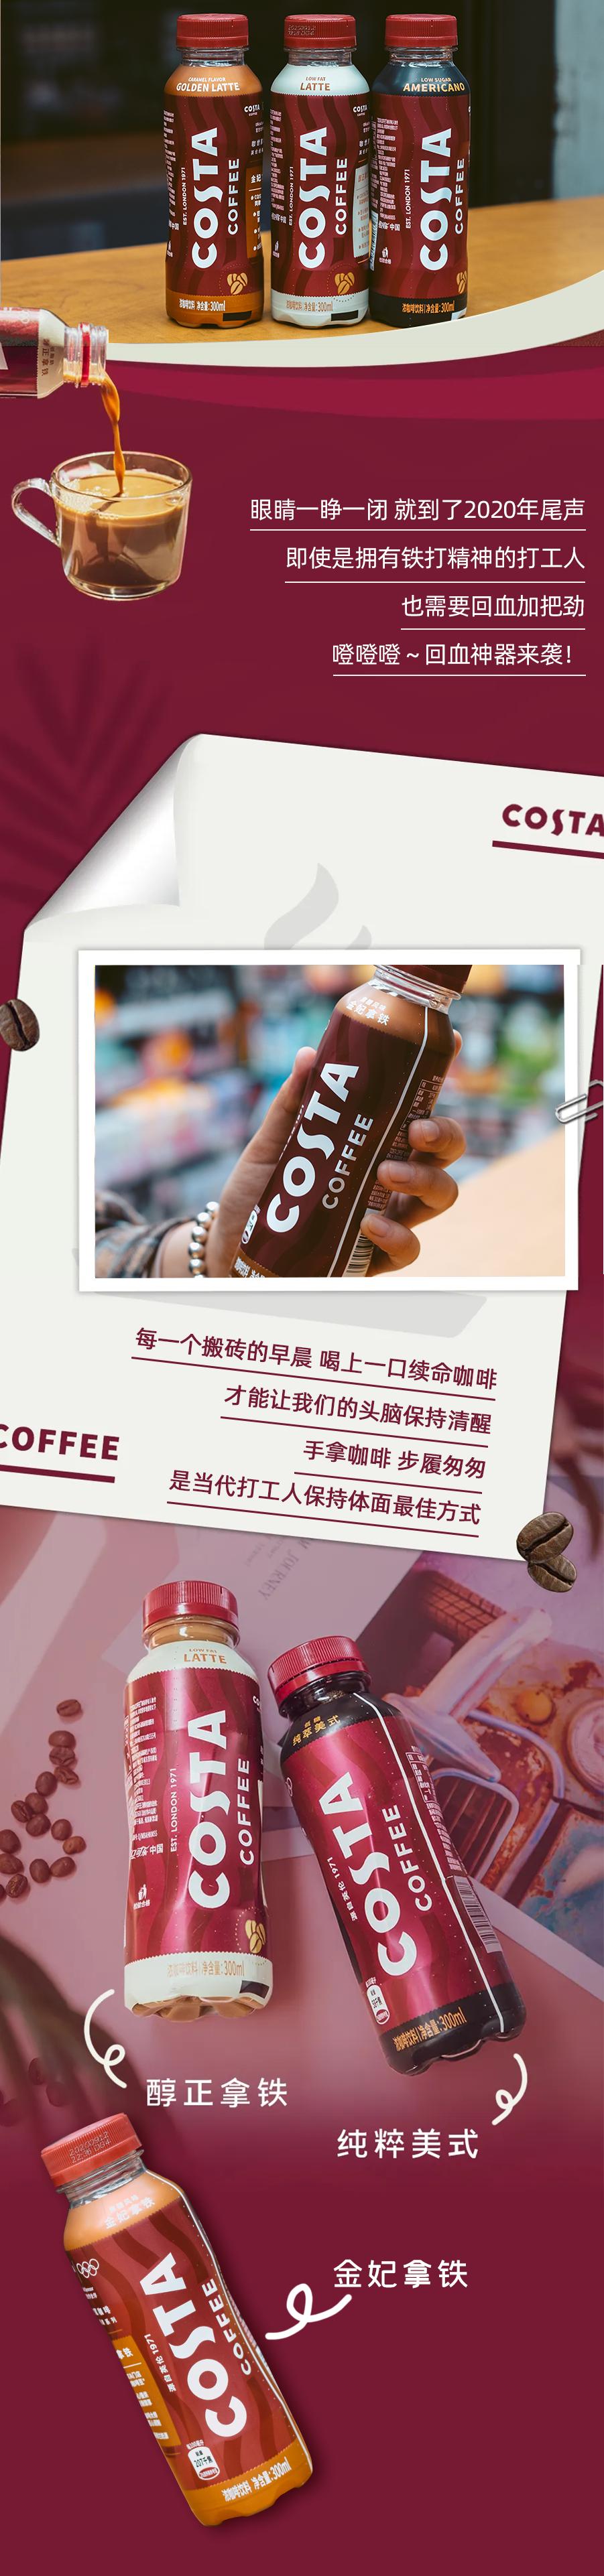 可口可乐邀请郑州打工人喝咖啡!